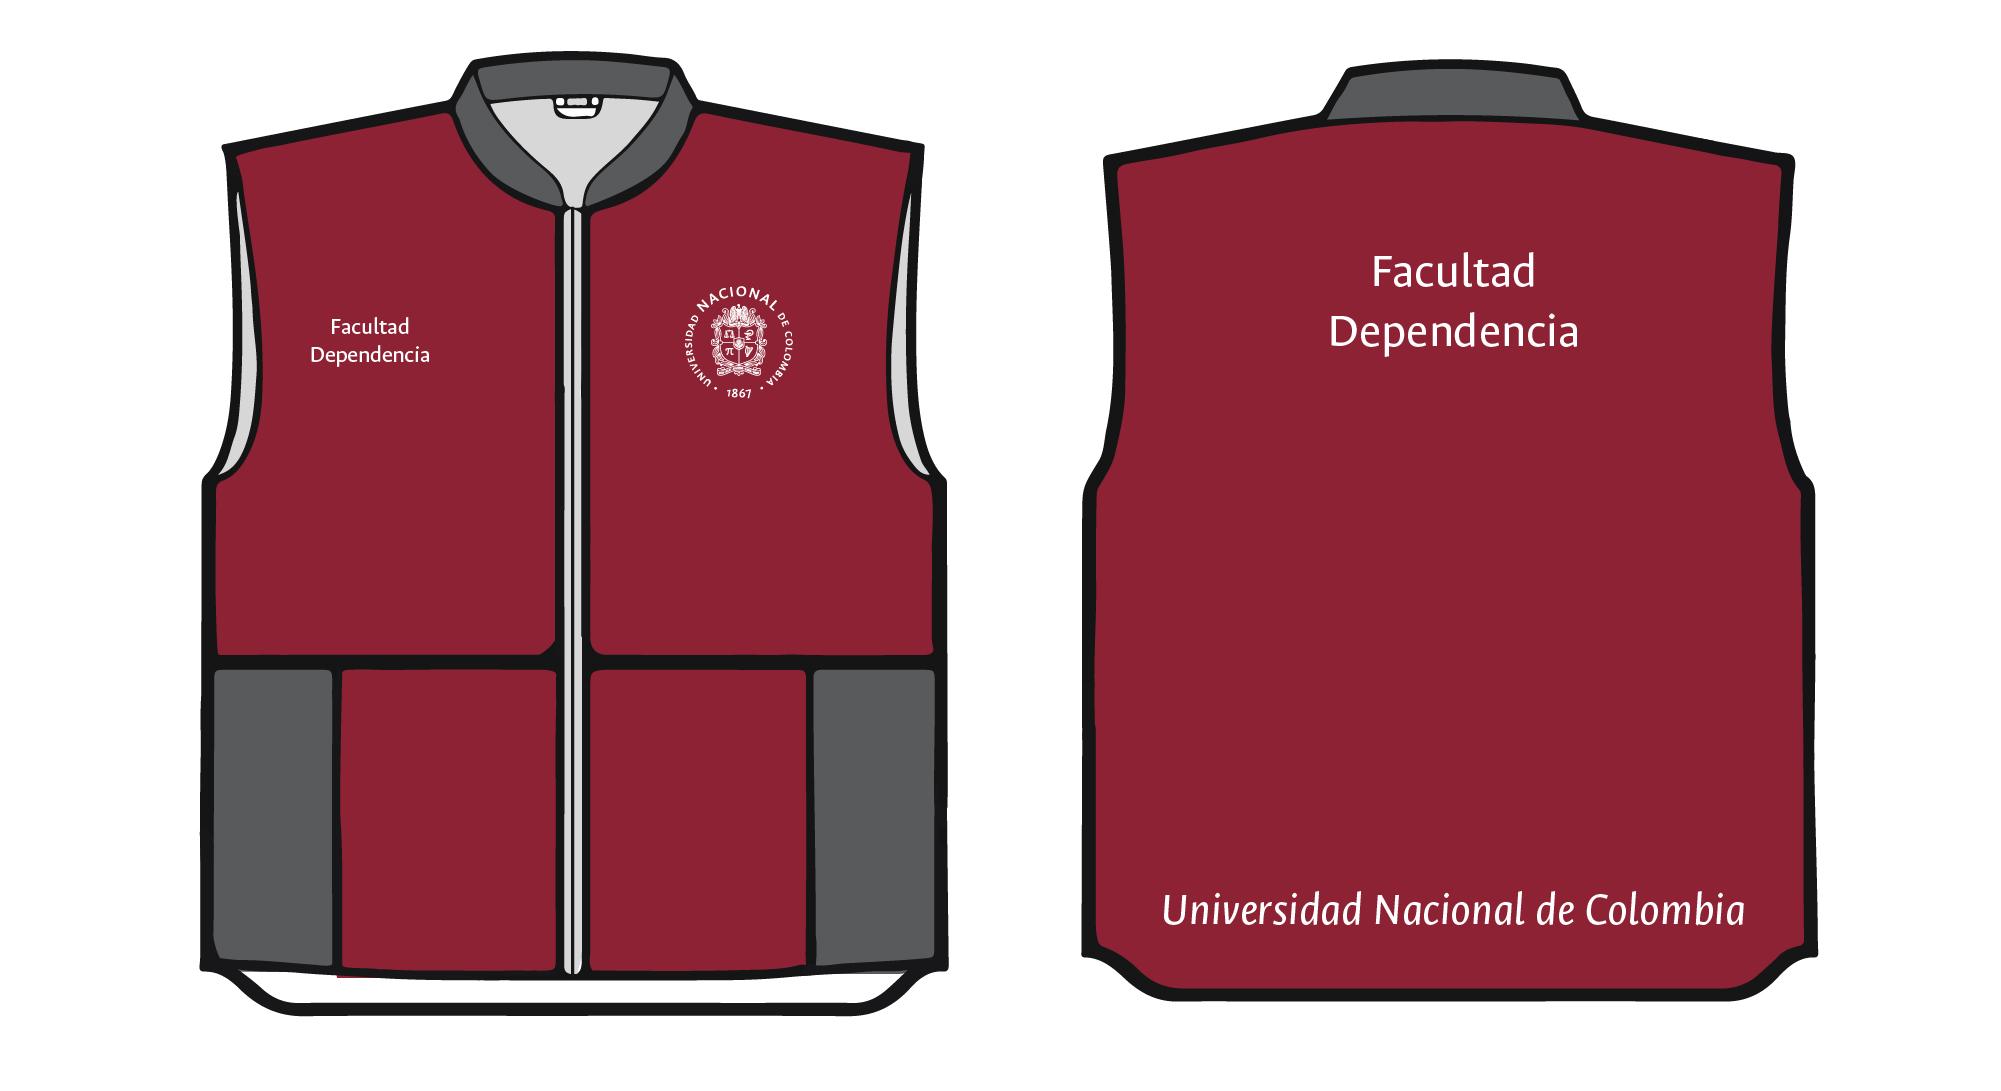 Aplicación del logosímbolo y firma institucional en chaqueta, chalecos, camisas y camisetas Institucionales. Logosímbolo circular un color (blanco o negro) sobre tela de color